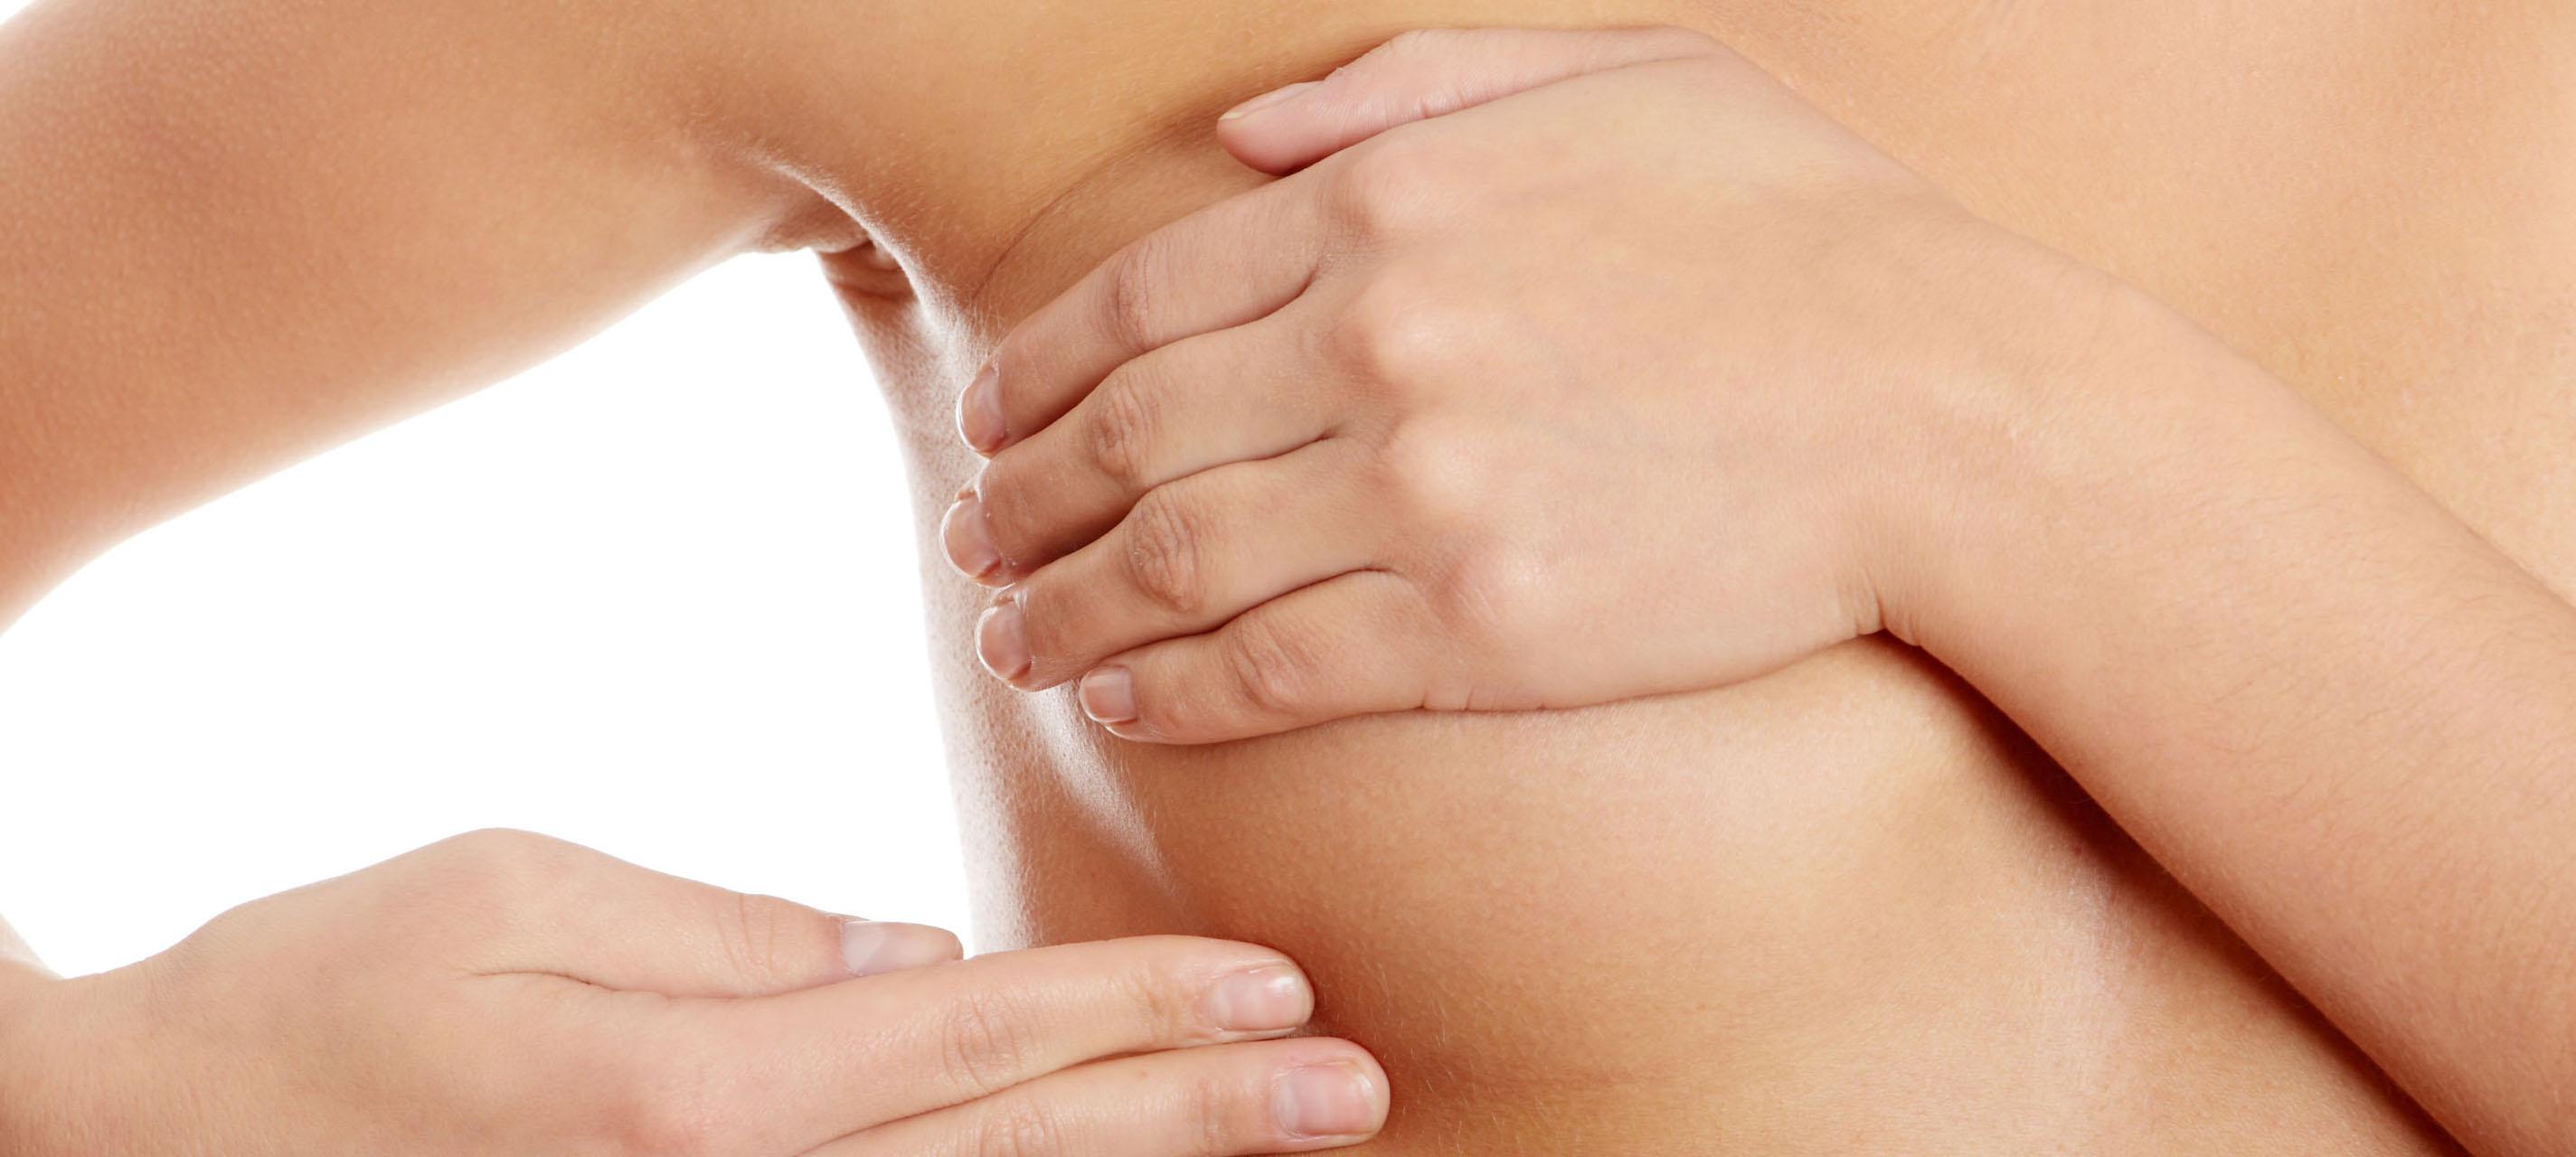 Identifican la clave para detener la progresión del cáncer de mama...